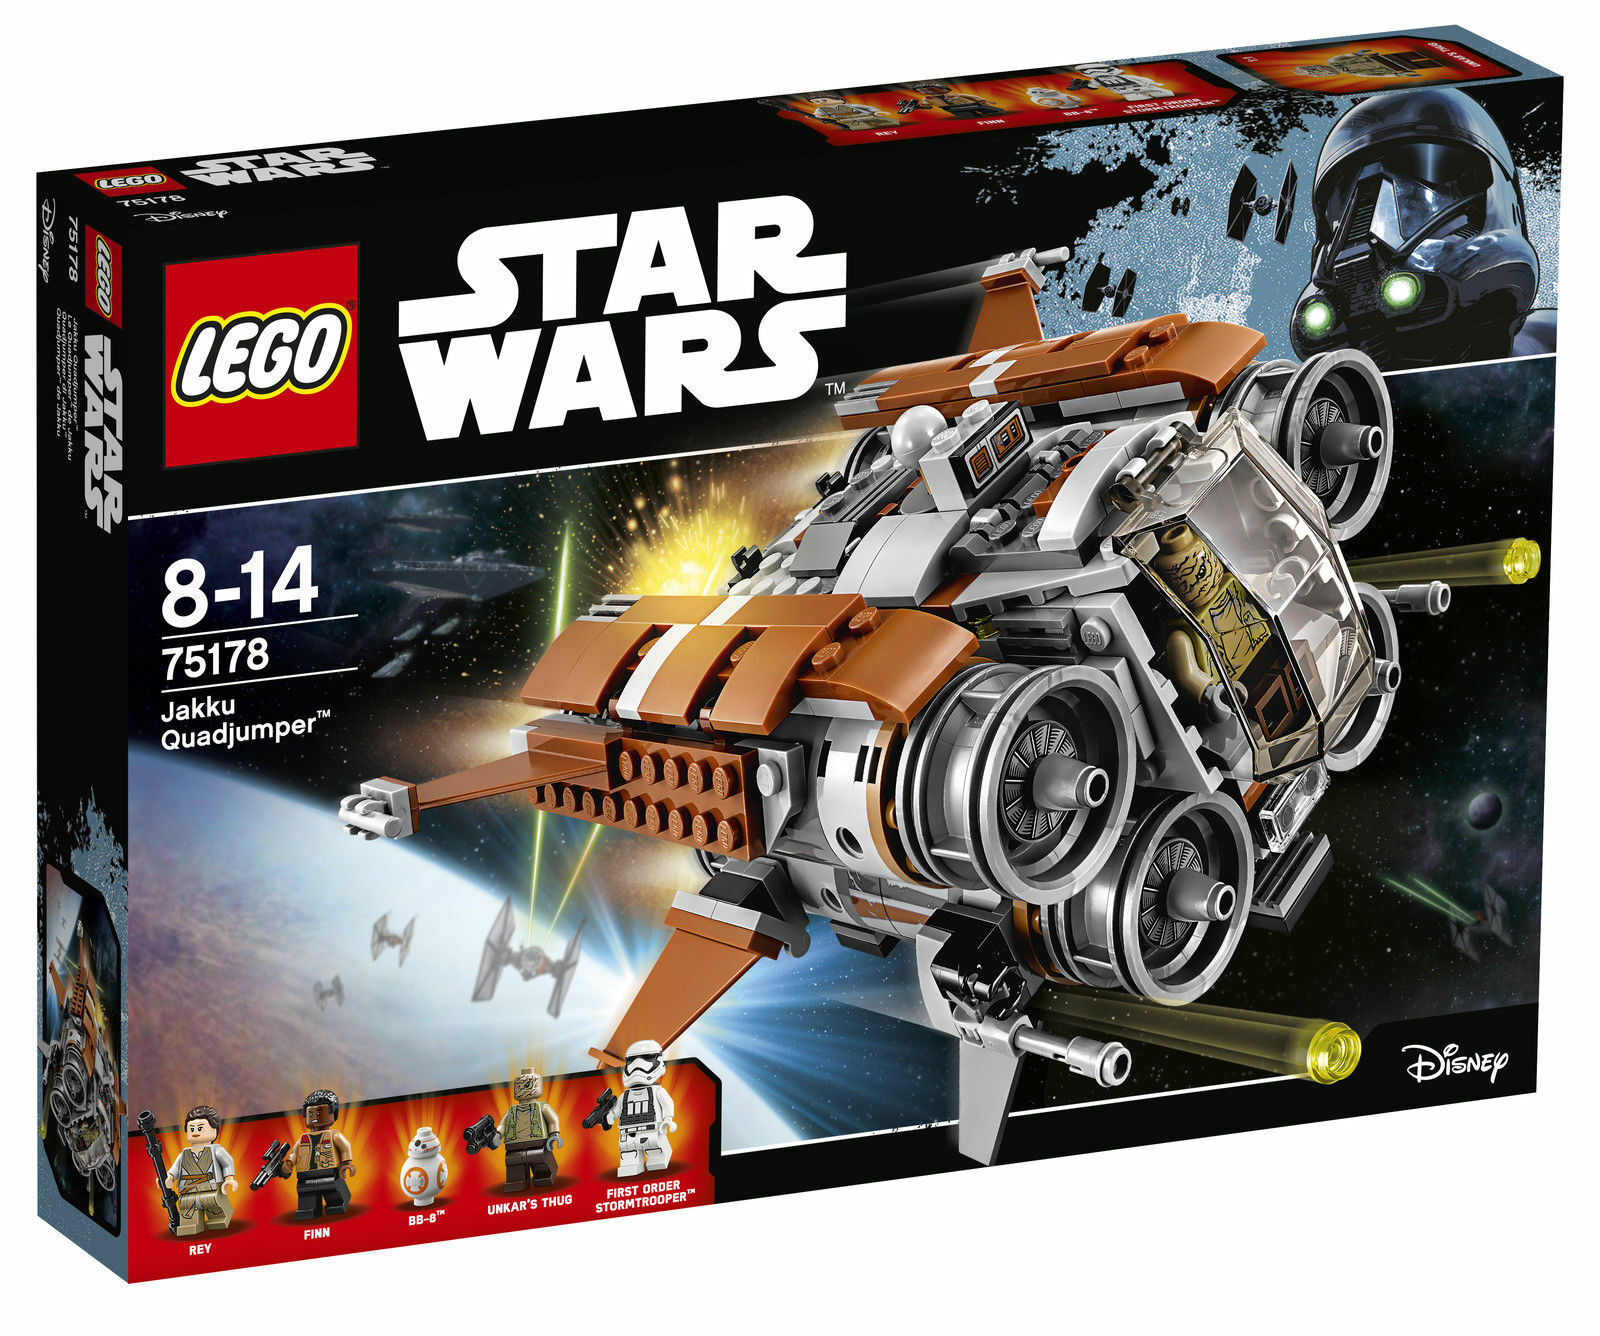 LEGO Star Wars Jakku Quadjumper 2017 (75178)